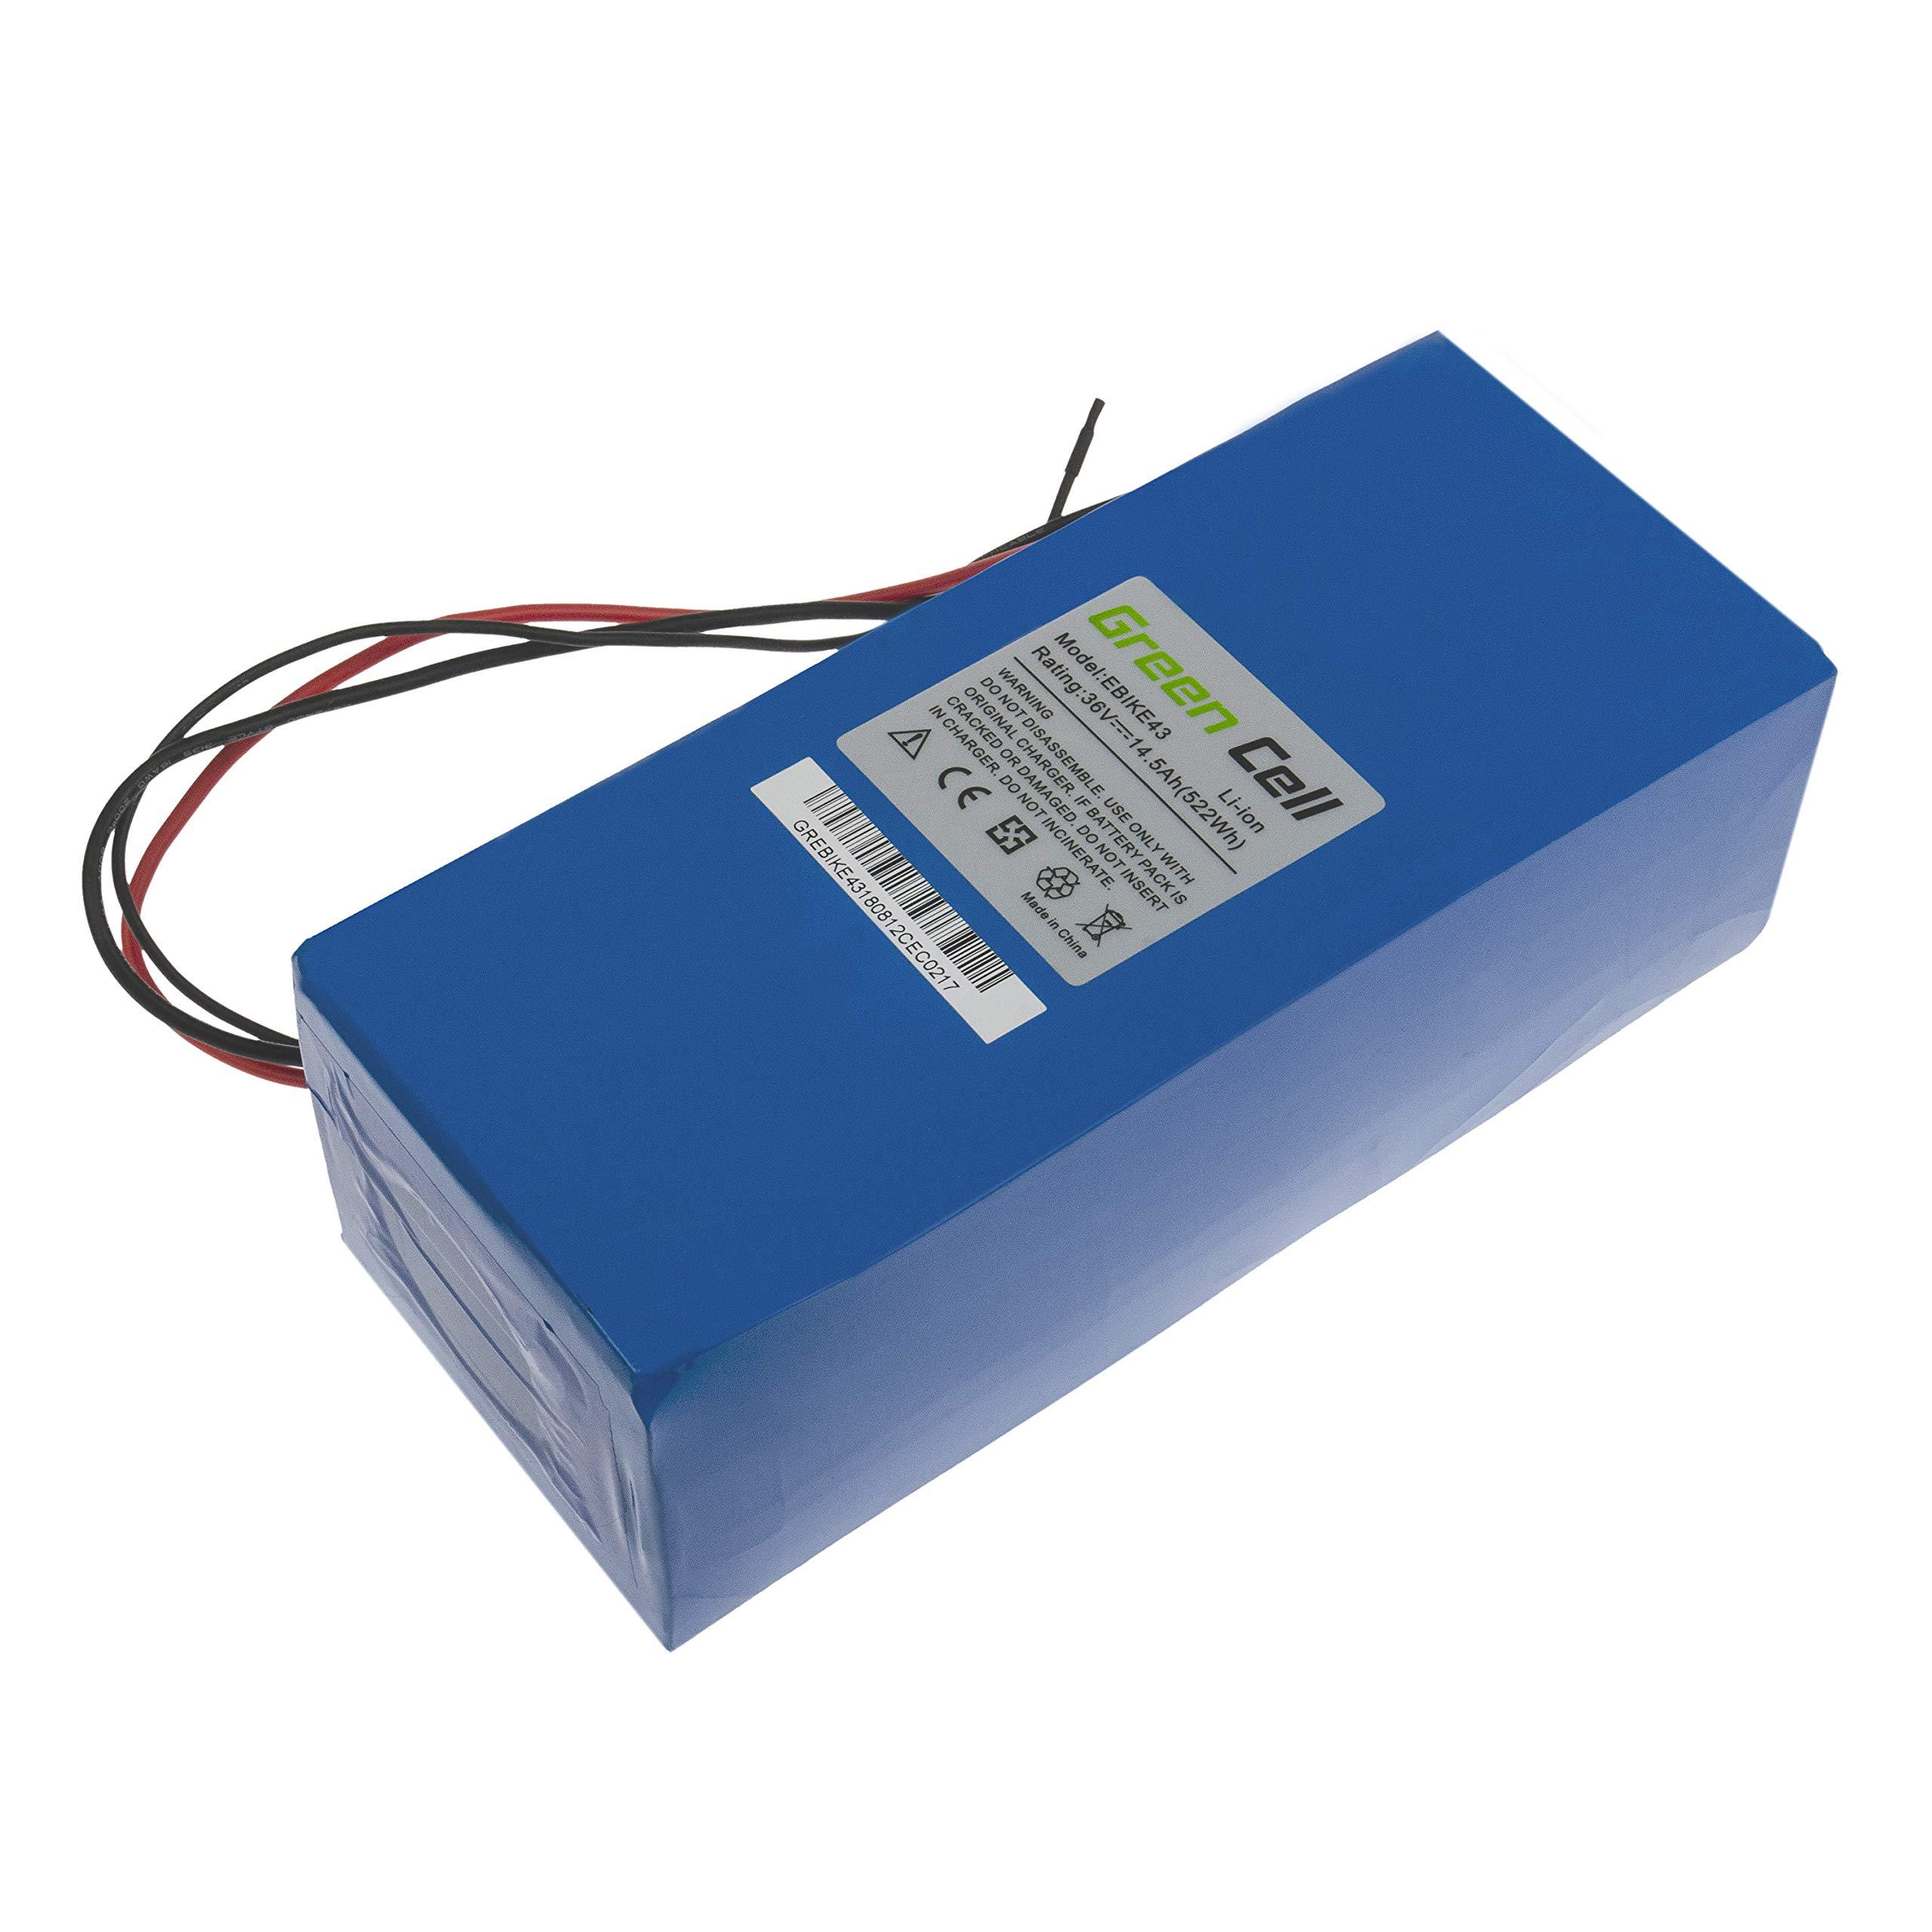 GC® Bateria Bicicleta Electrica 36V 14.5Ah con Celdas Originales Battery Pack Li-Ion: Amazon.es: Electrónica